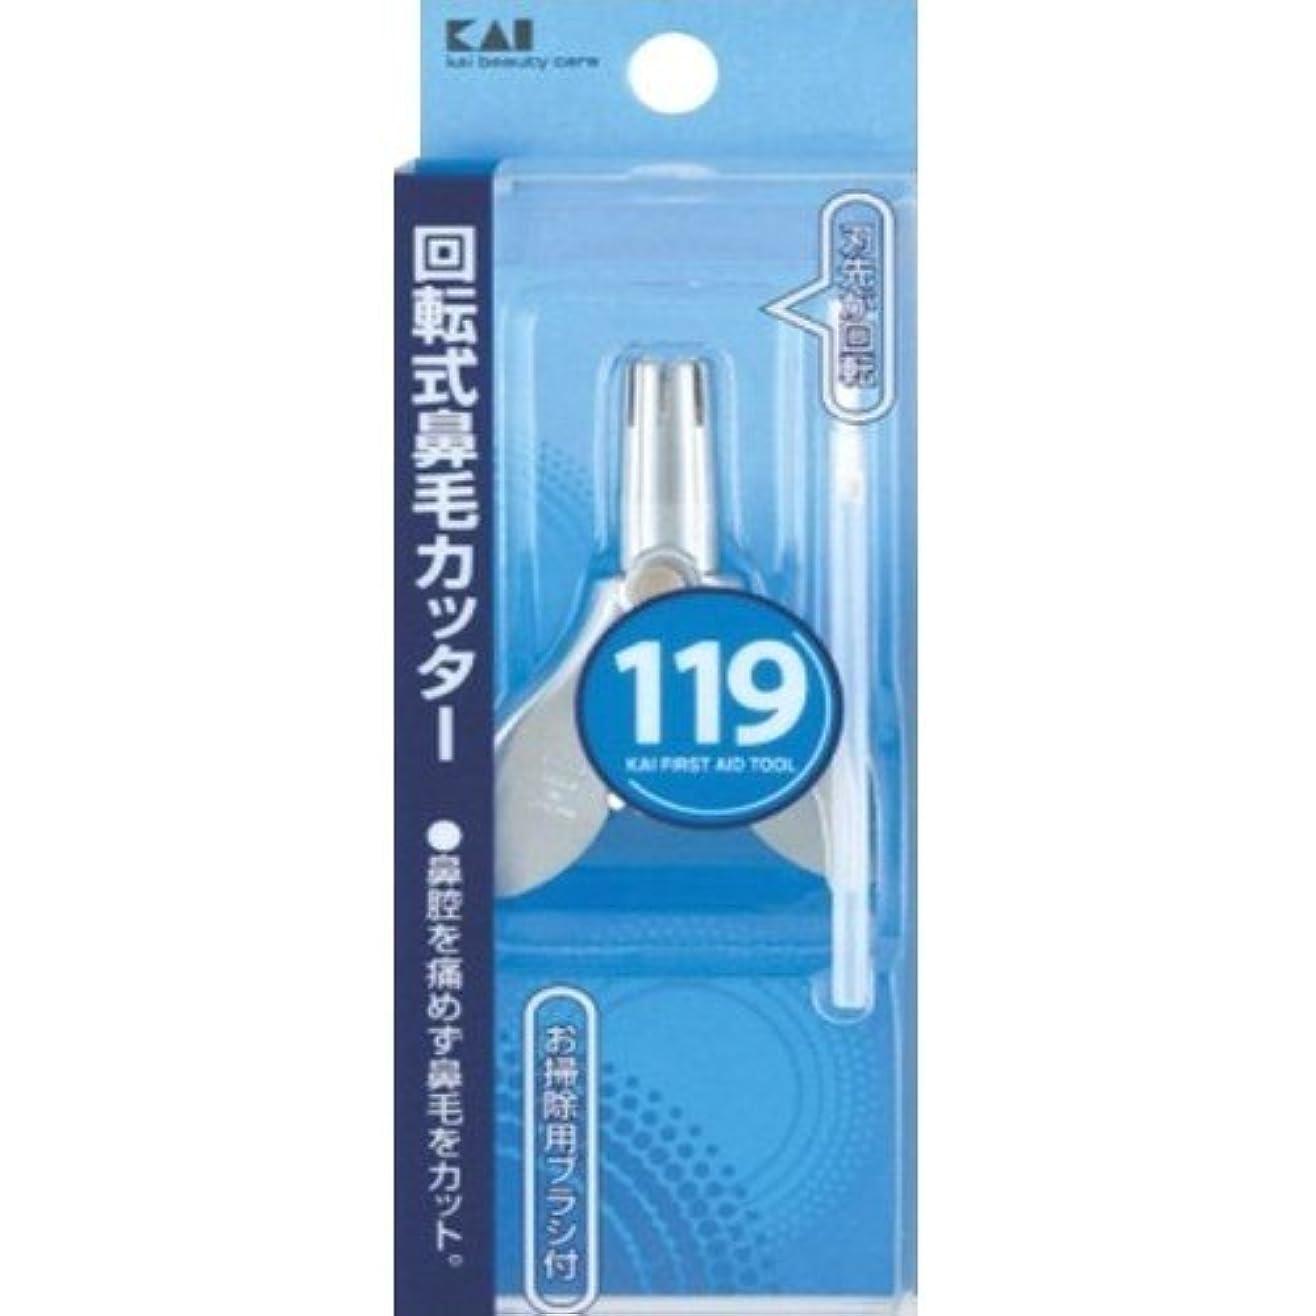 消化器約勇気貝印 119 回転式鼻毛カッター KF1038